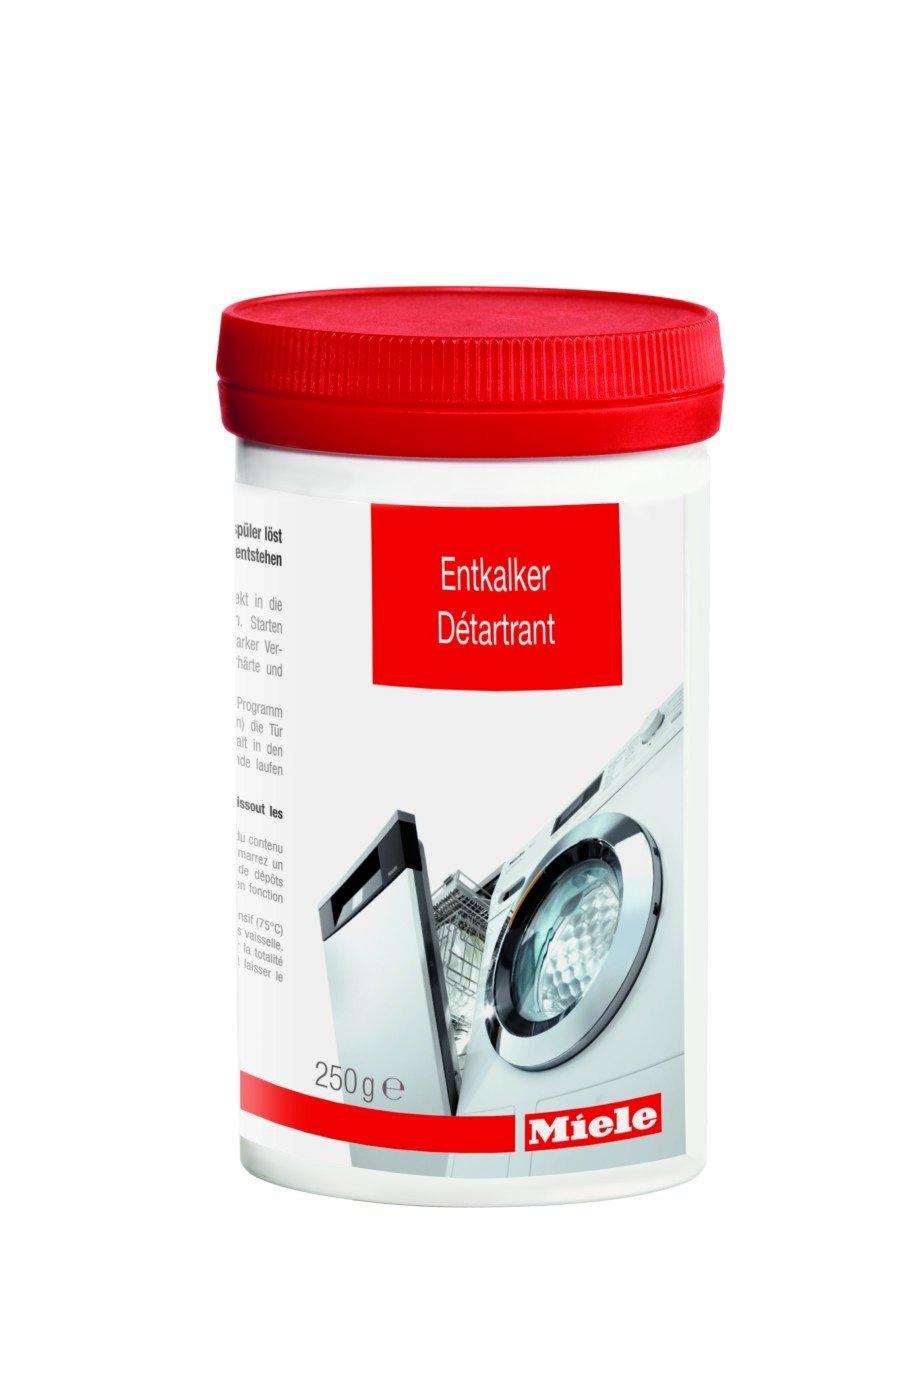 Miele 10130980 descalcificador para lavavajillas: Amazon.es ...